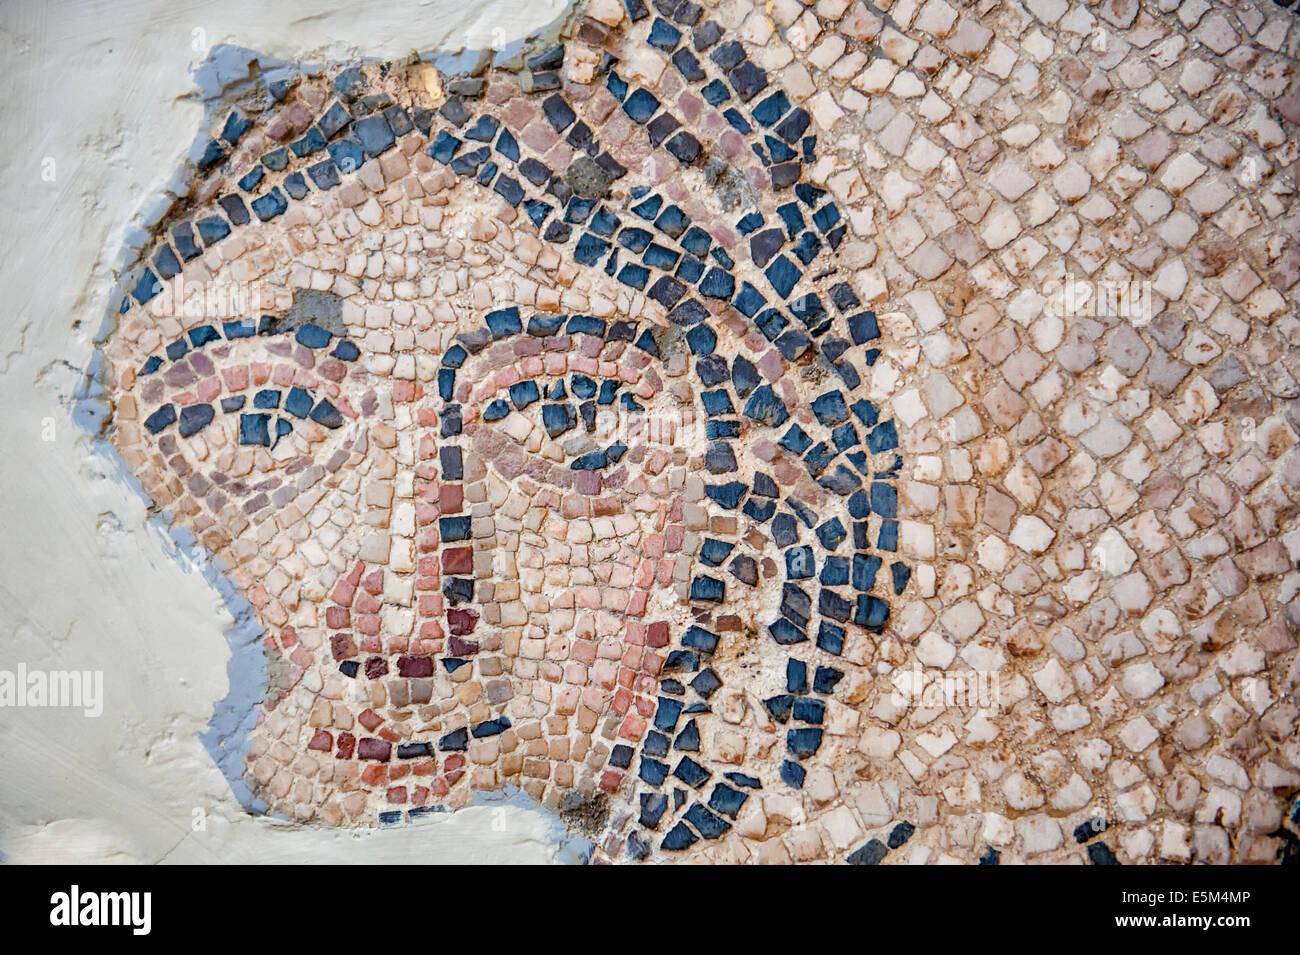 Ananeosis (despertar) mosaico, 5% A.C., Museo de Arqueología de Hatay, Antioquía, provincia de Hatay, en el suroeste de Turquía Foto de stock